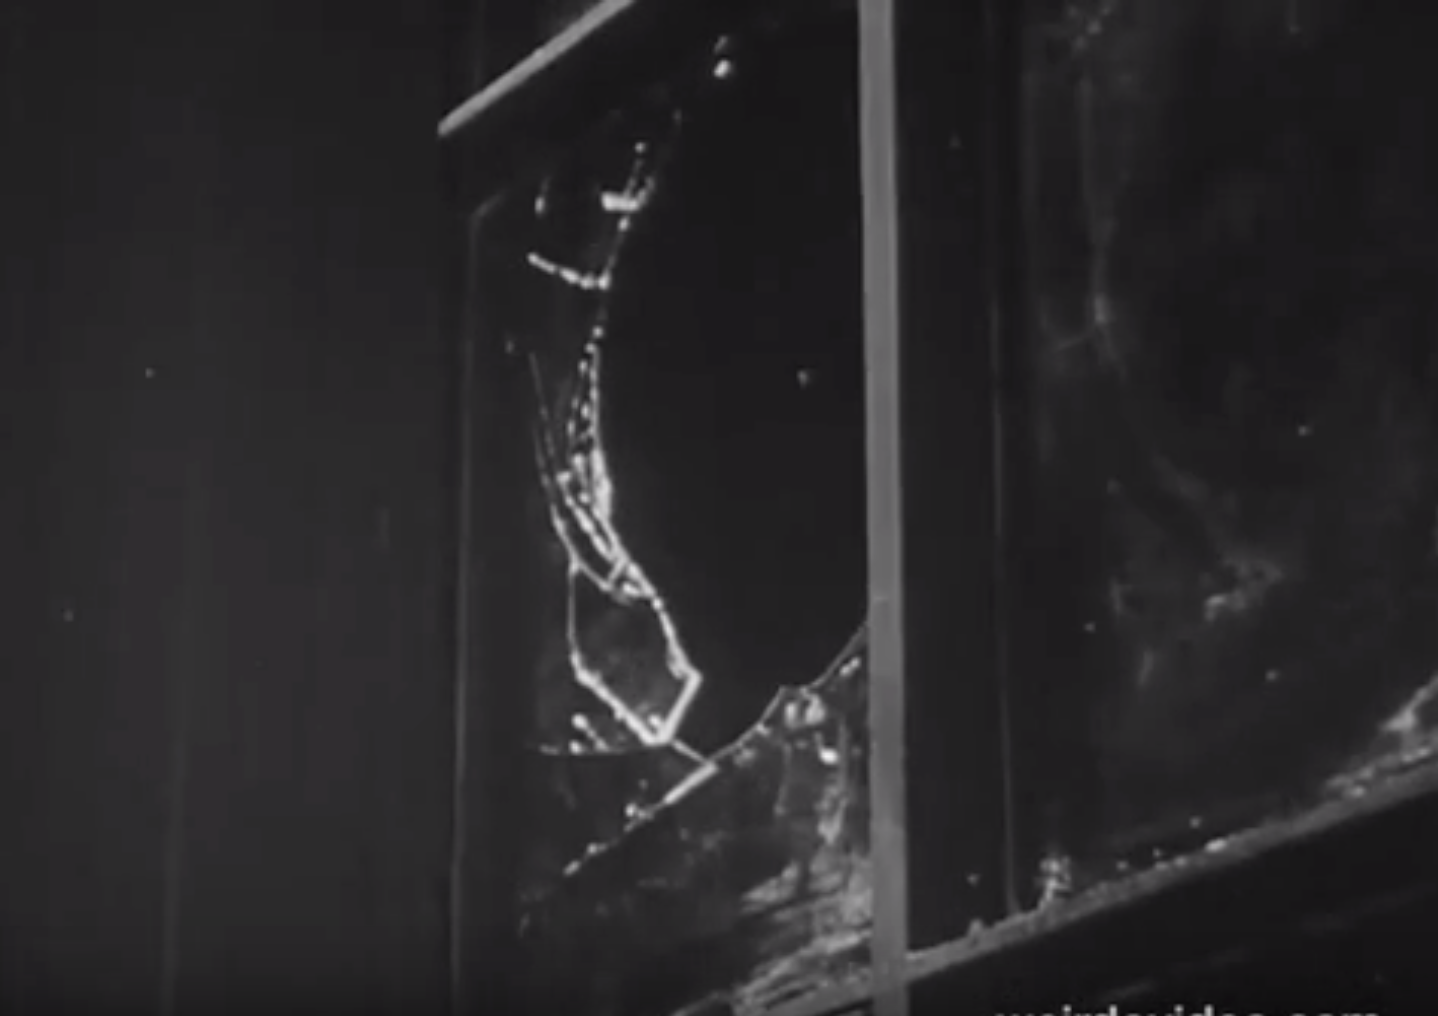 Why Vandalism? - 1955